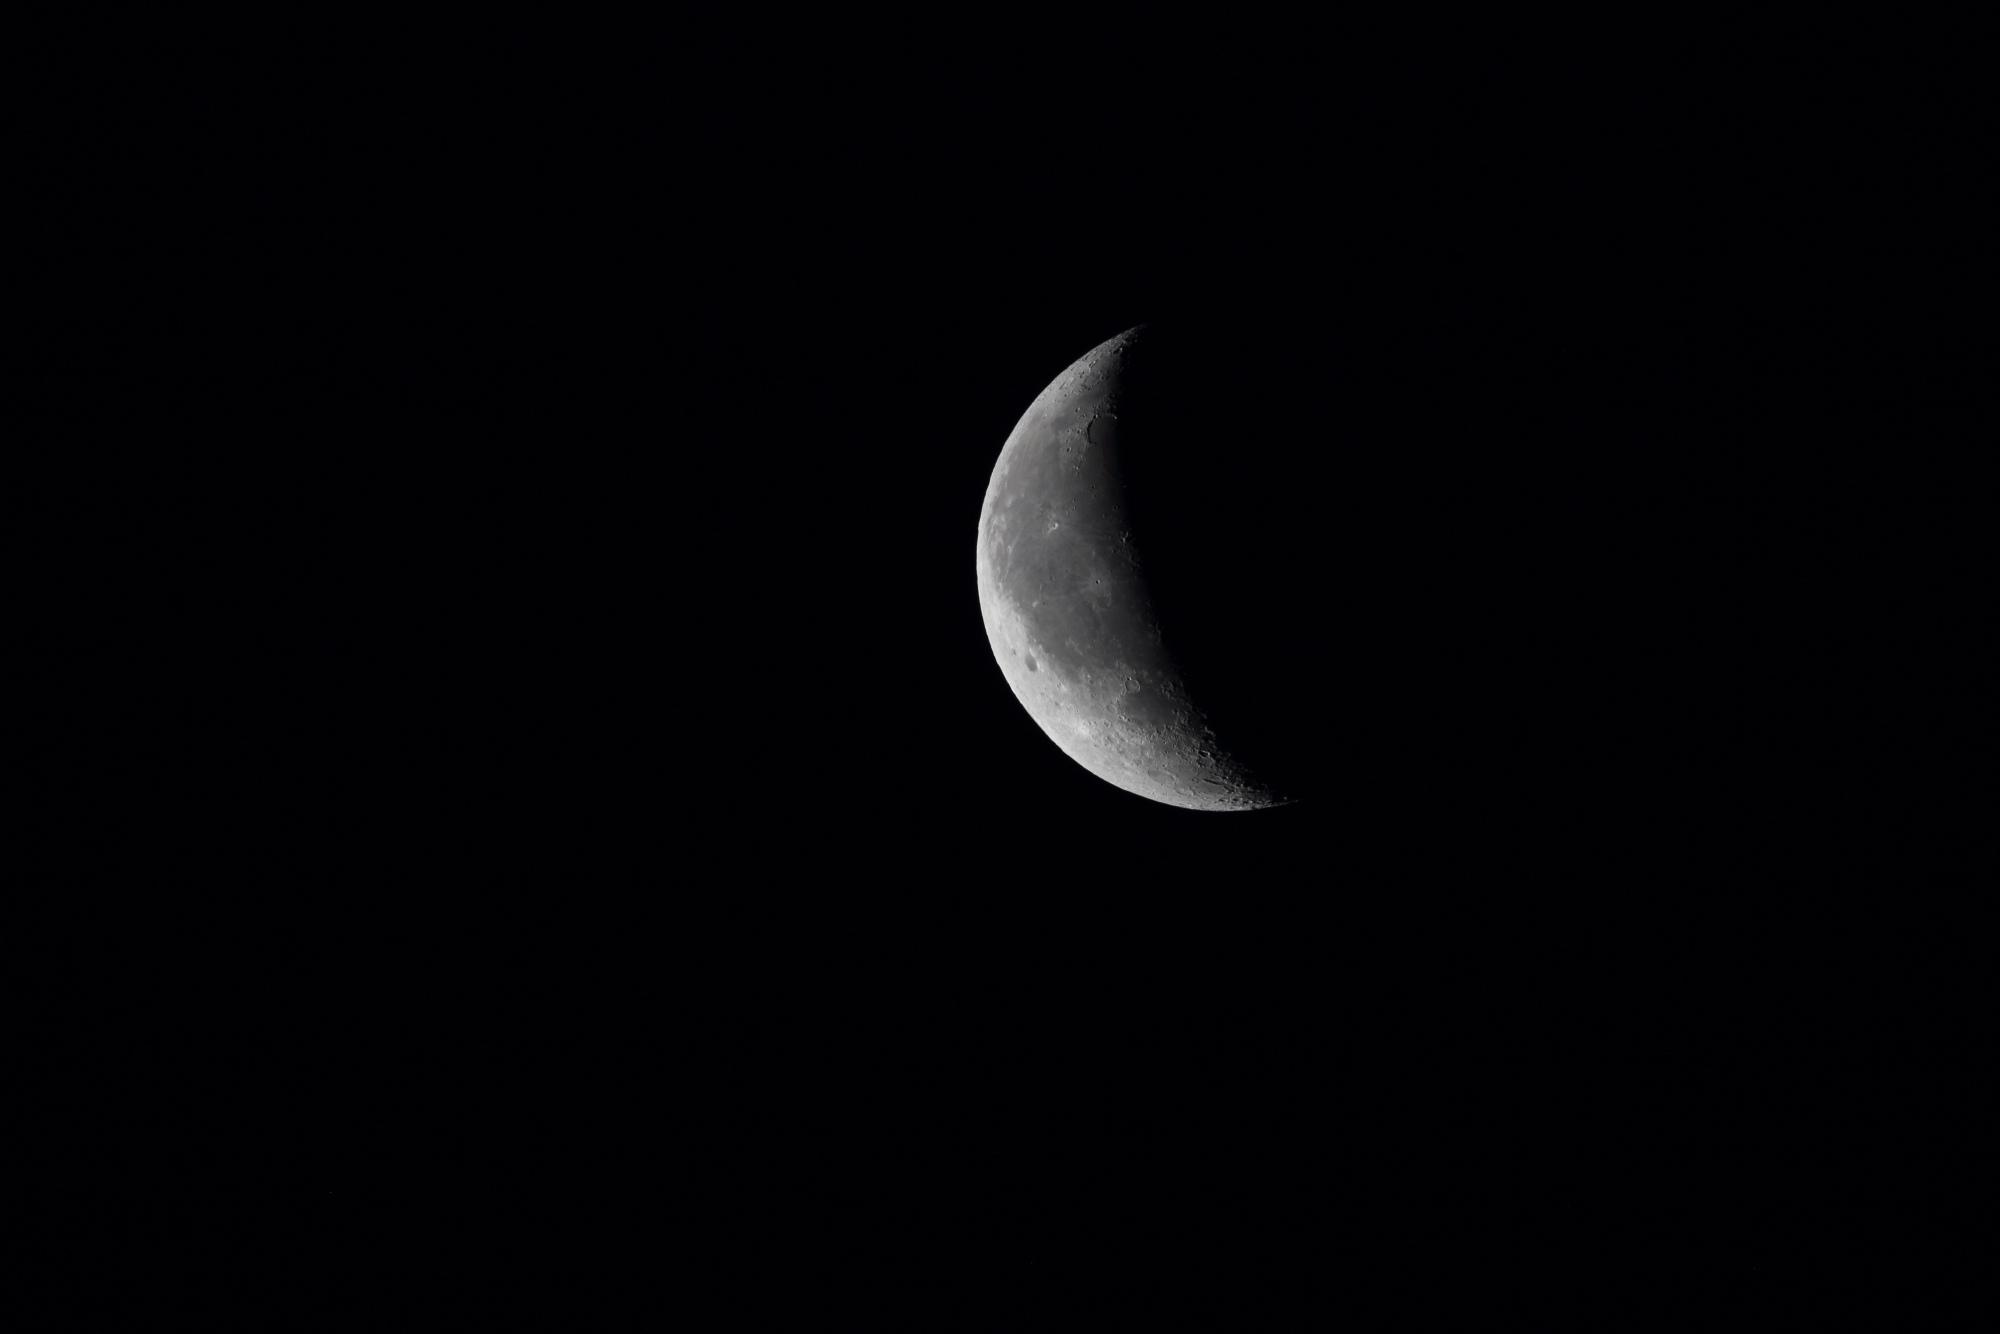 Lune_24e_jour.JPG